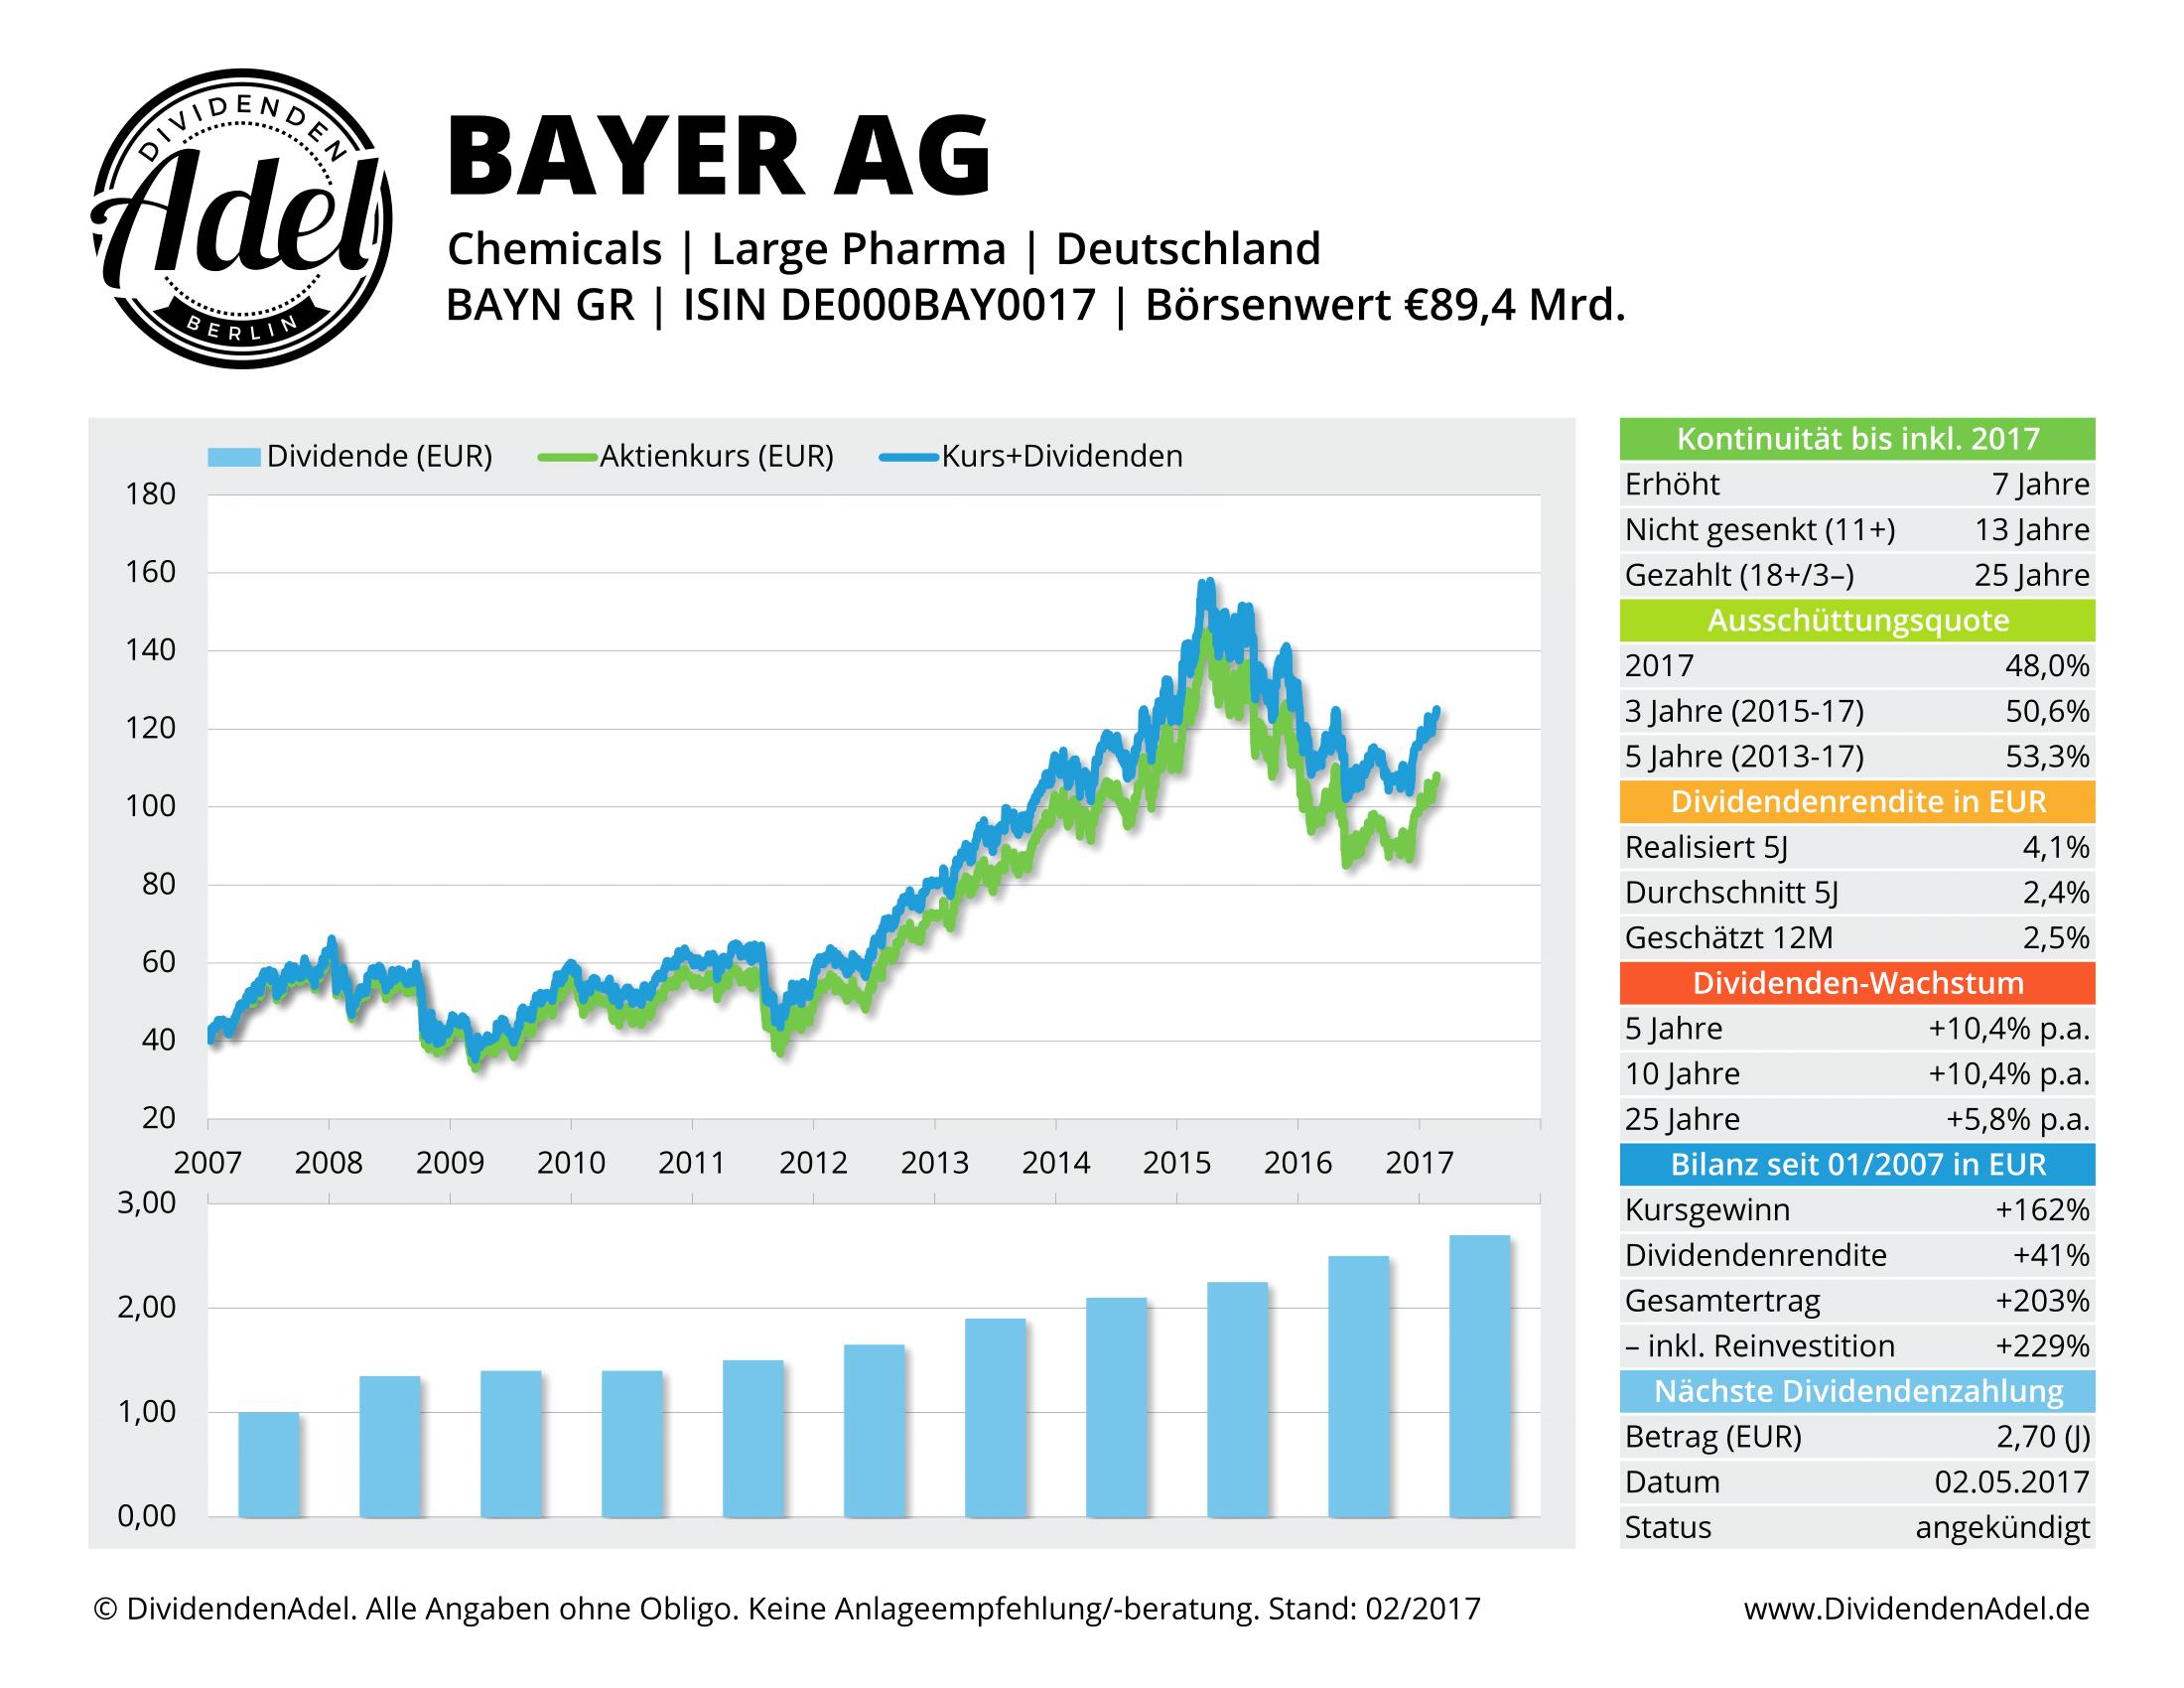 2017-02-21 BAYER AG-REG DividendenAdel-Profil ab 2007-1